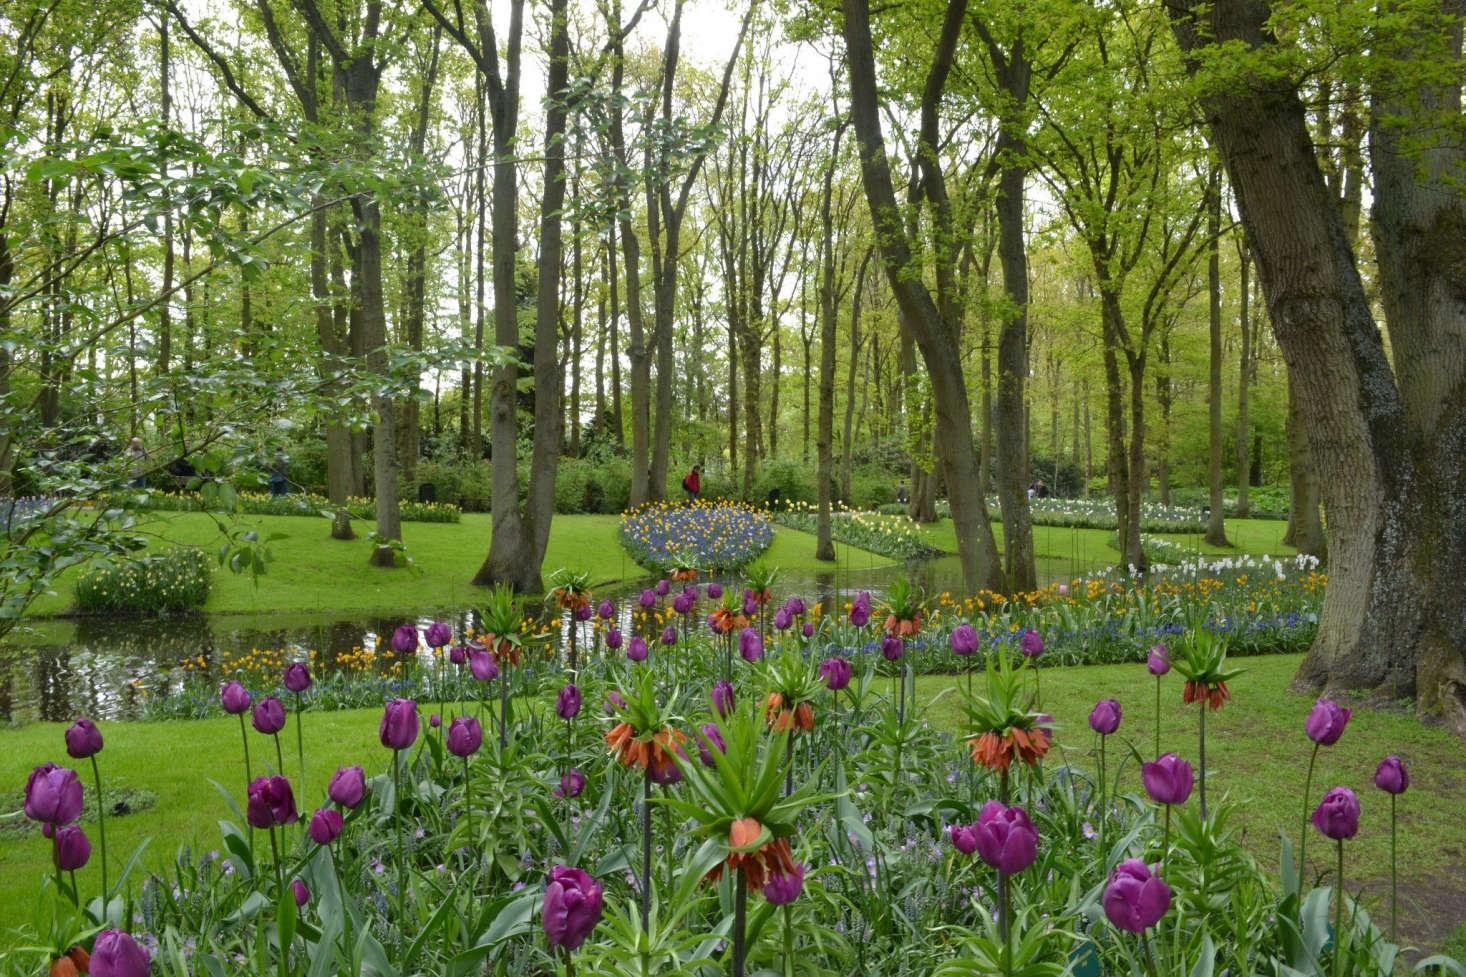 在荷兰的花园里,荷兰花园,还有,维也纳的芭蕾浴和芭蕾舞,通常应该在一起。来自来自来自荷兰的荷兰花园,从荷兰的花园里提取的。